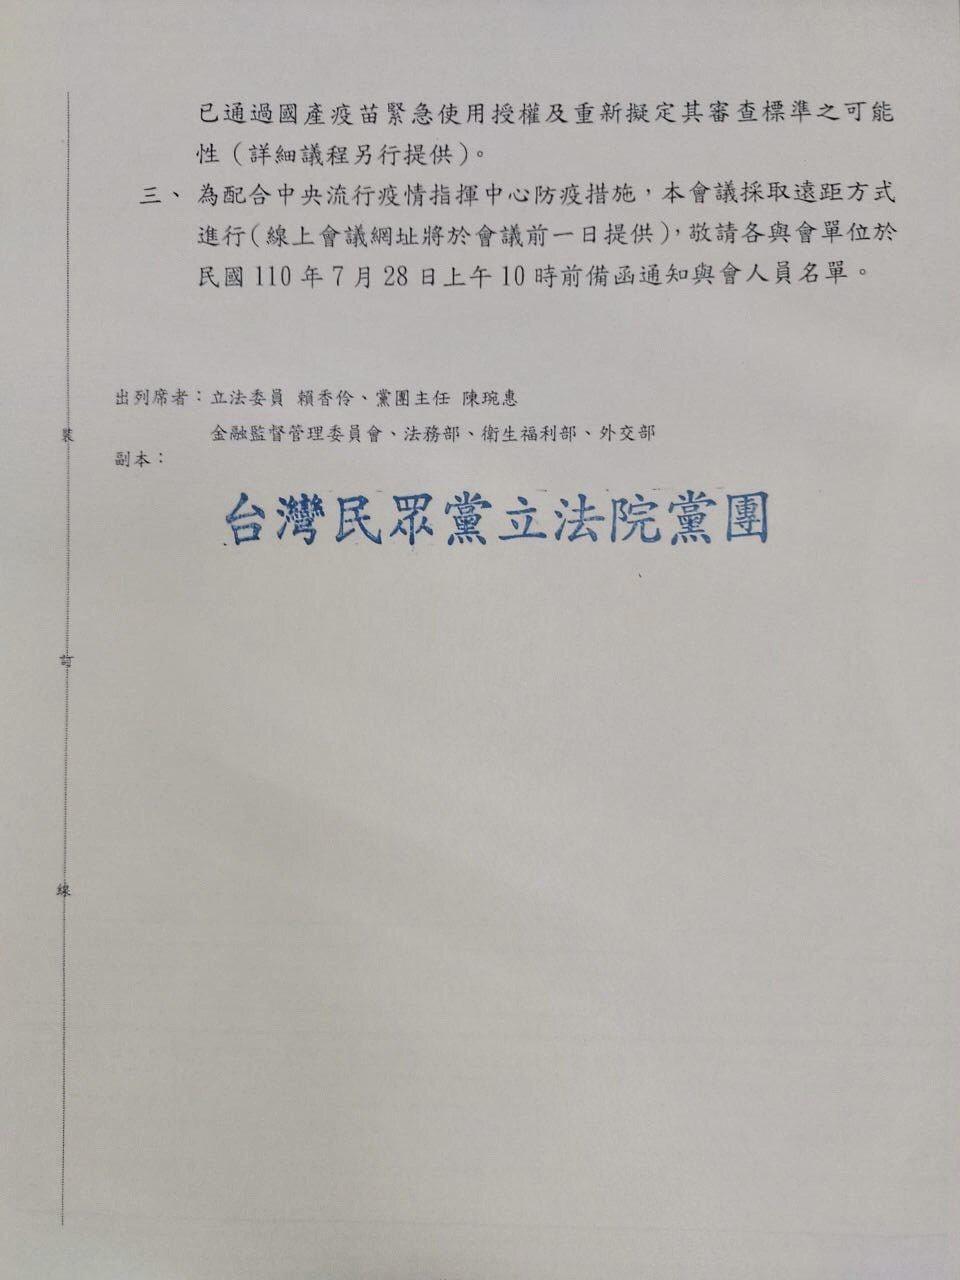 民眾黨發公文要求衛福部等單位報告。圖/民進黨團提供